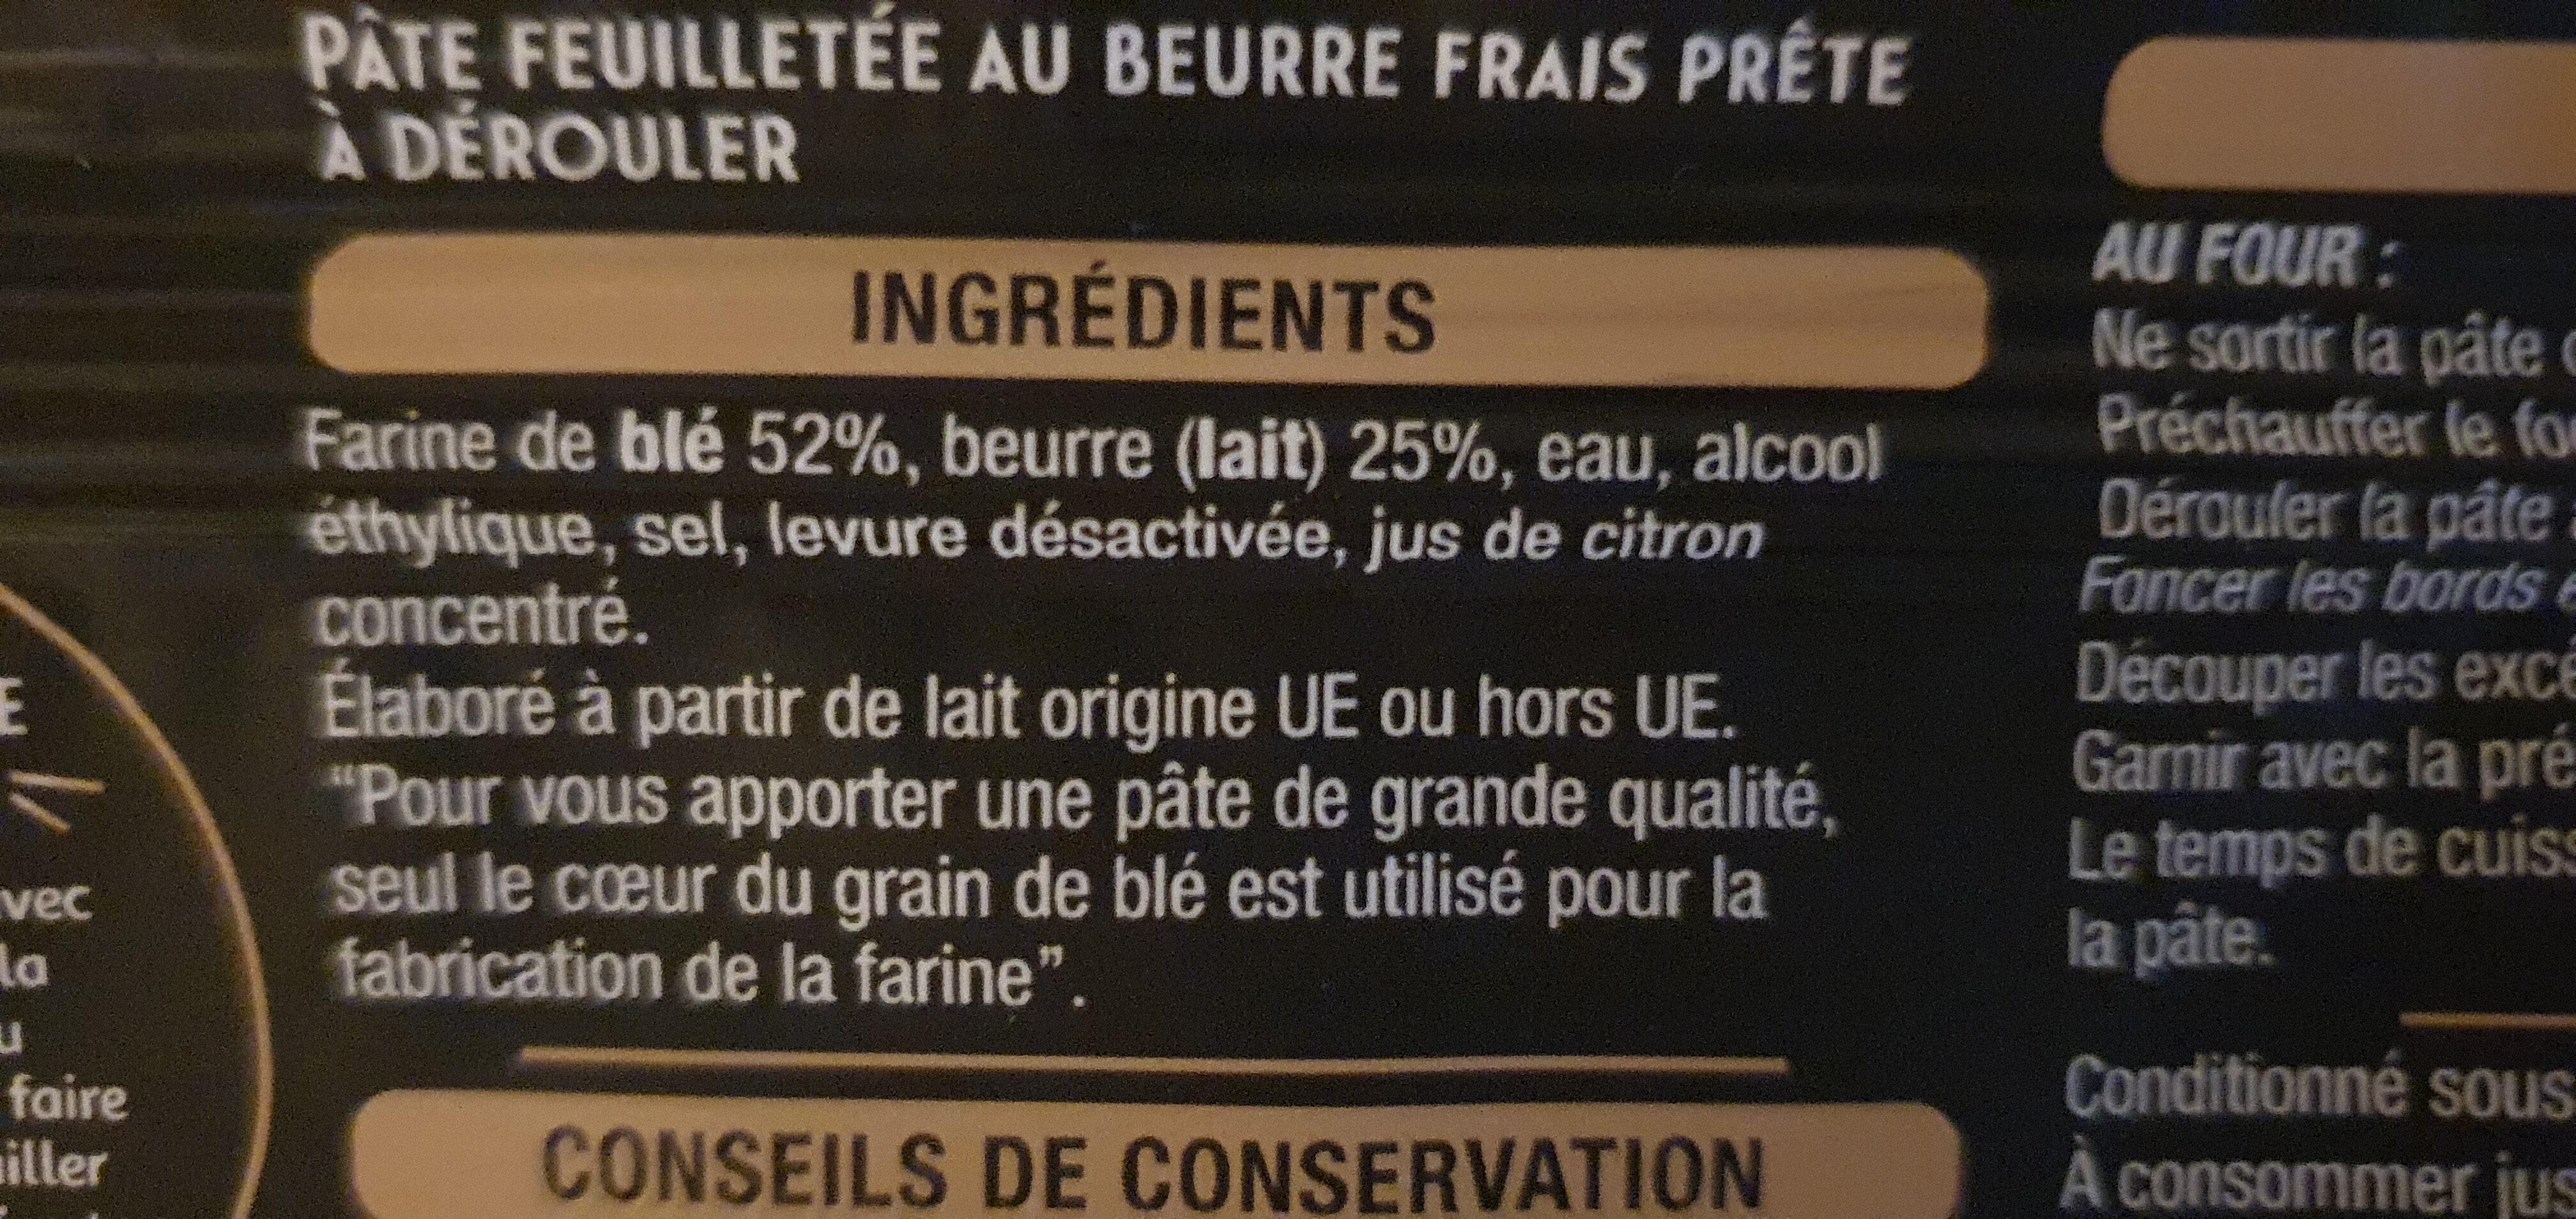 La Pâte feuilletée - Ingrédients - fr